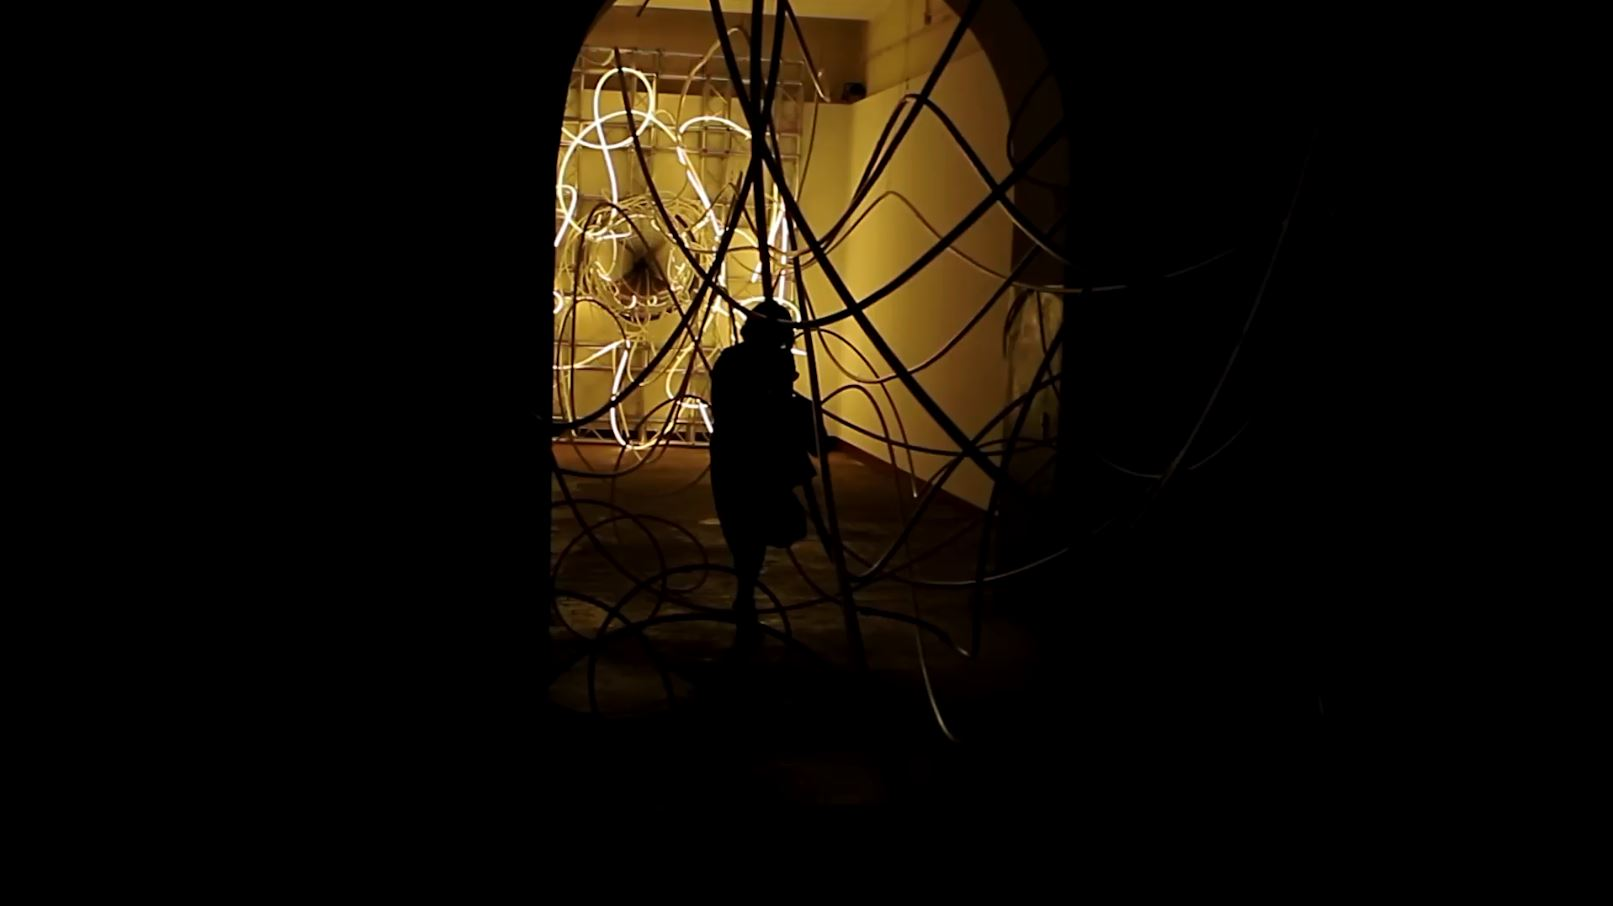 Grimanesa Amoros Fortuna light sculpture installation